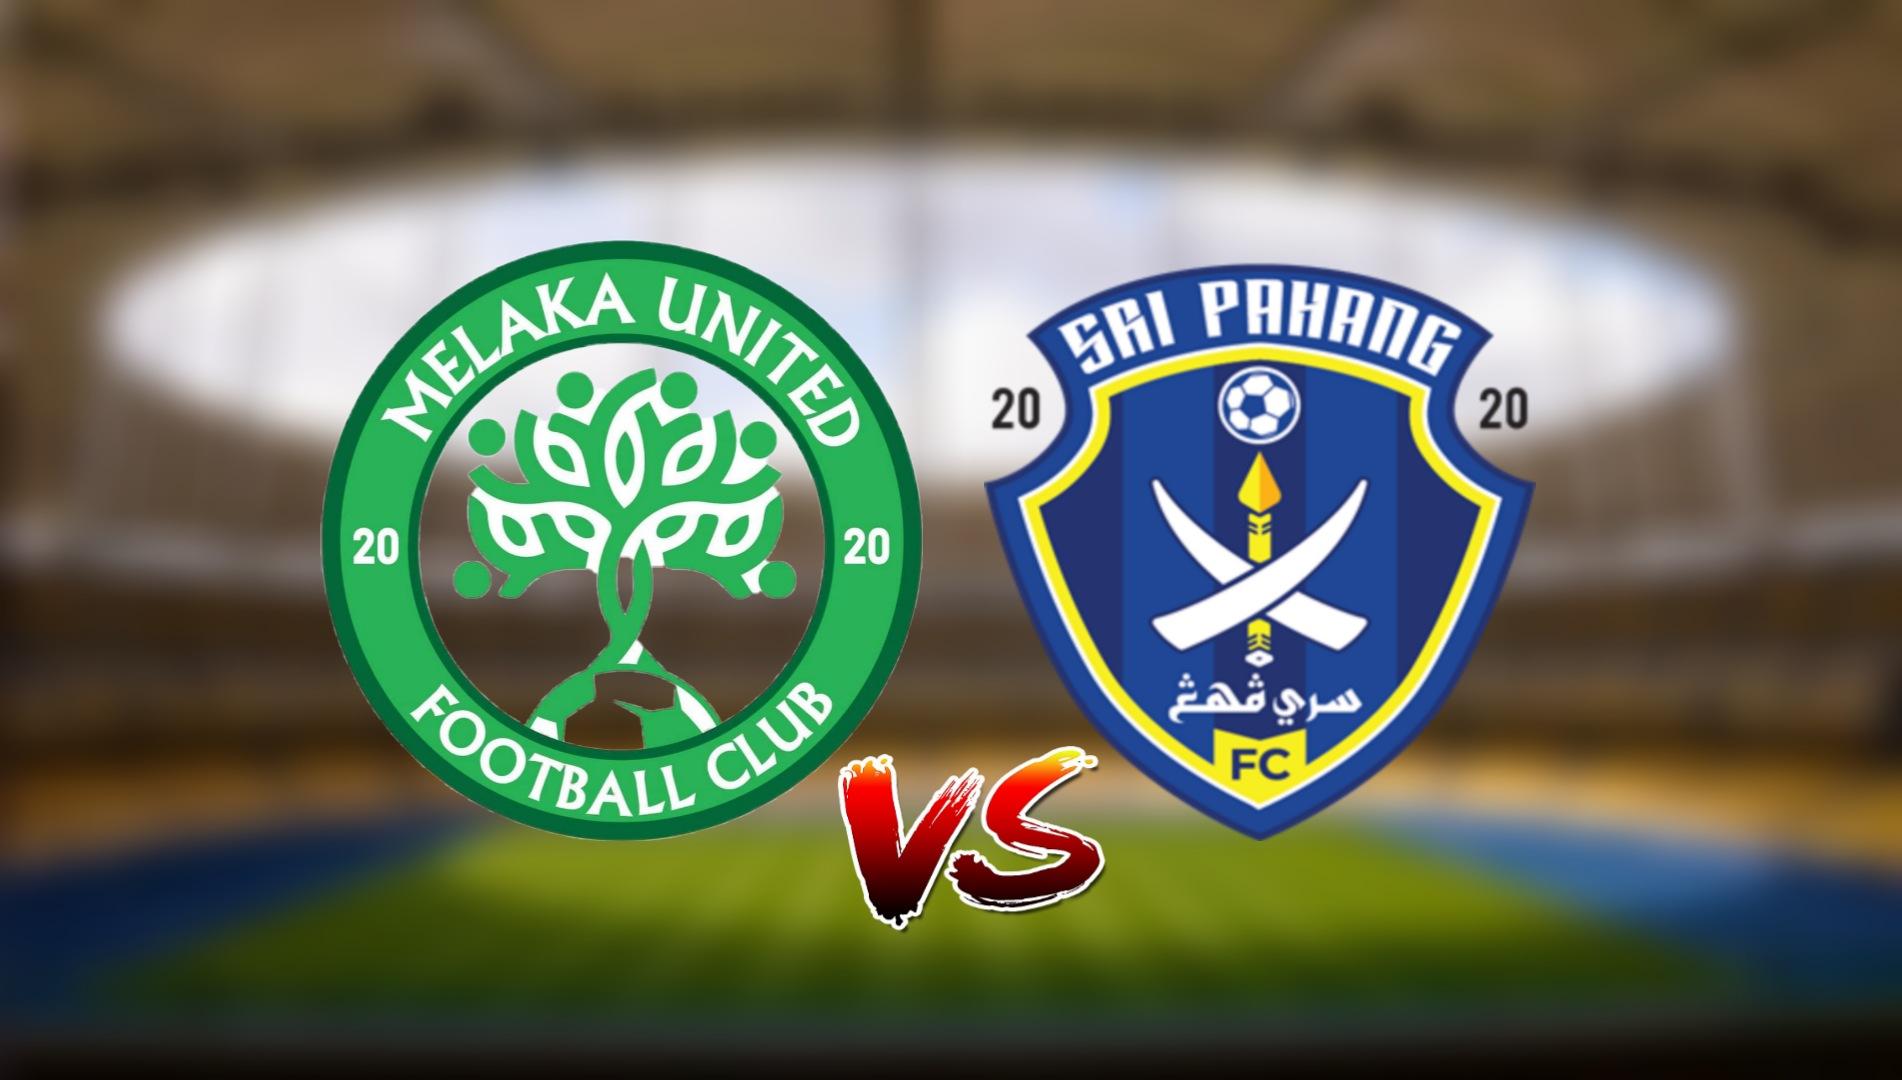 Live Streaming Melaka United vs Sri Pahang FC Liga Super 13.3.2021